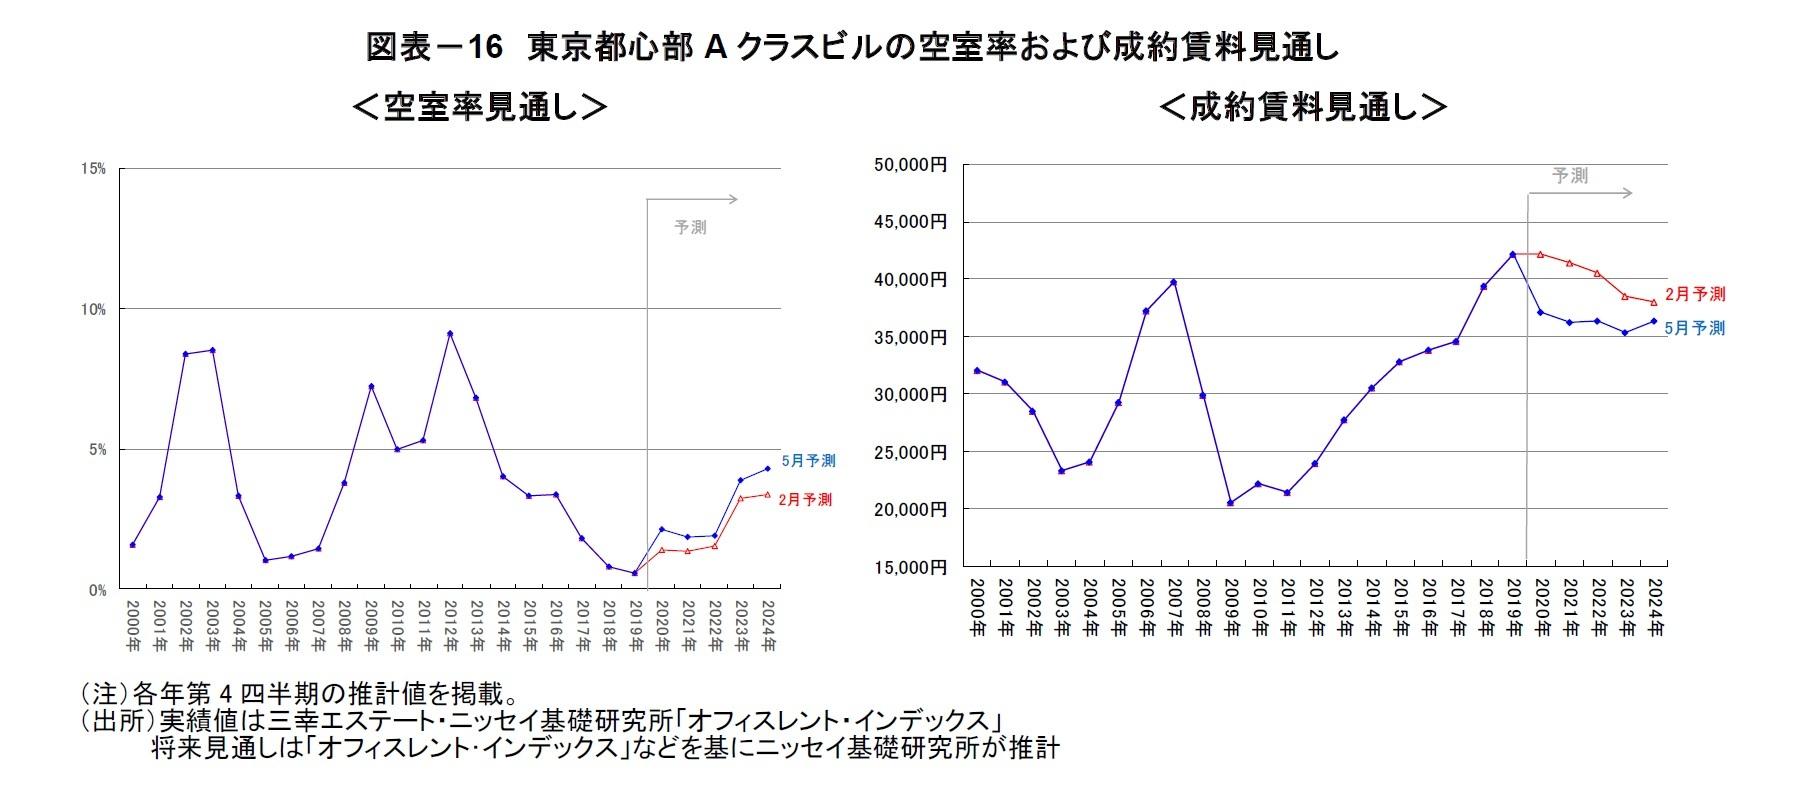 図表-16 東京都心部A クラスビルの空室率および成約賃料見通し